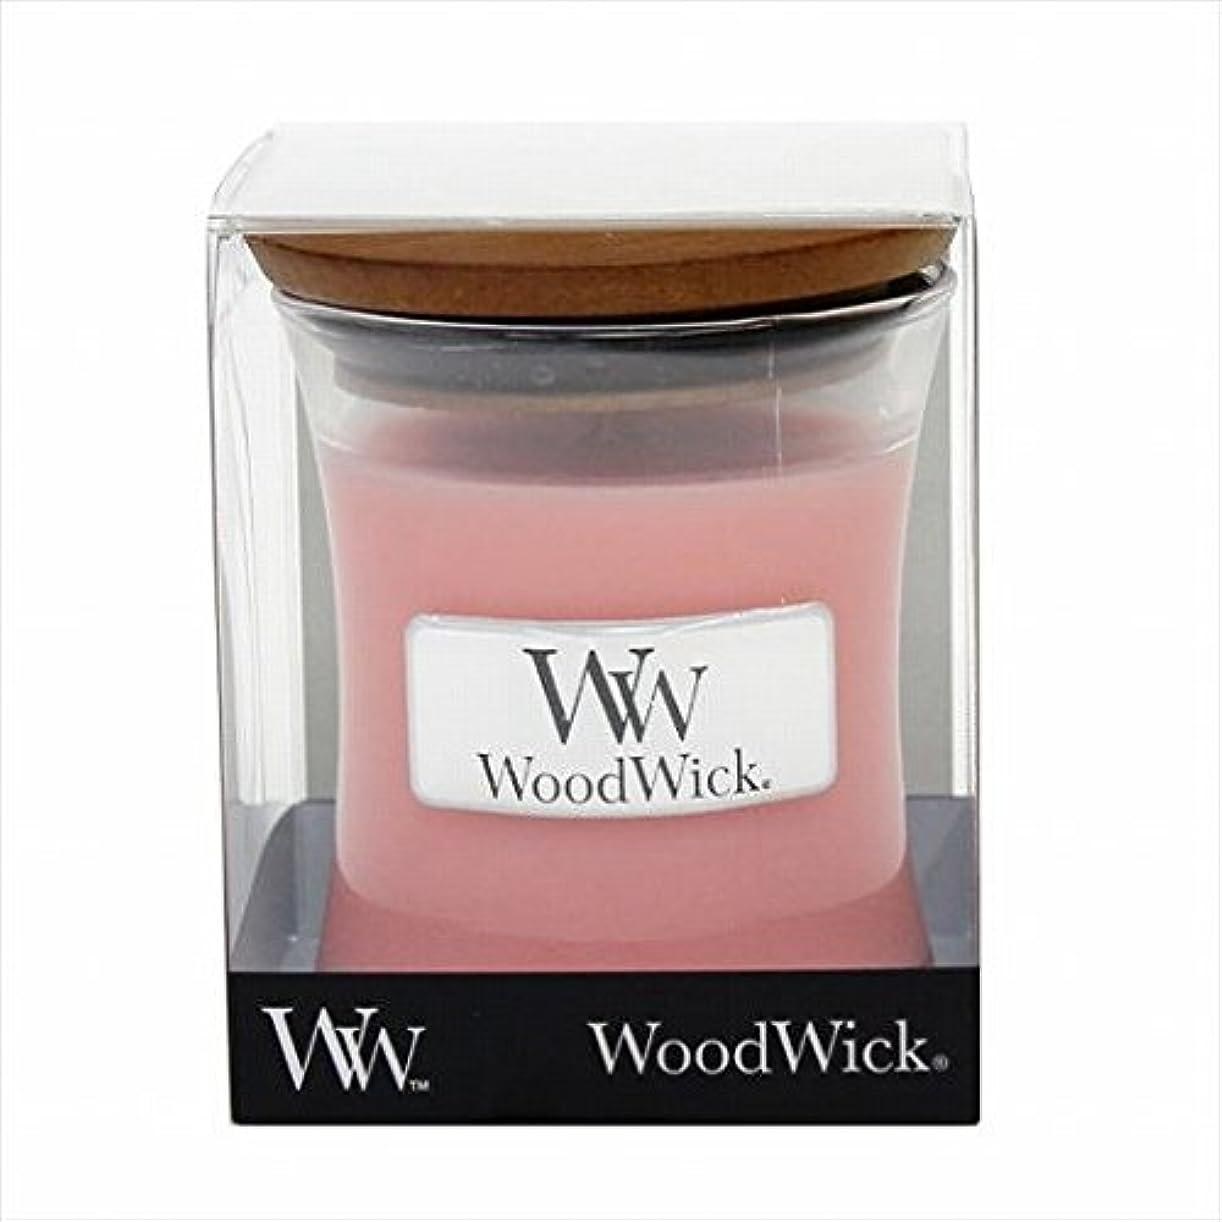 クラシカルマニアアラームカメヤマキャンドル( kameyama candle ) Wood Wick ジャーS 「 ベリーソルベ 」